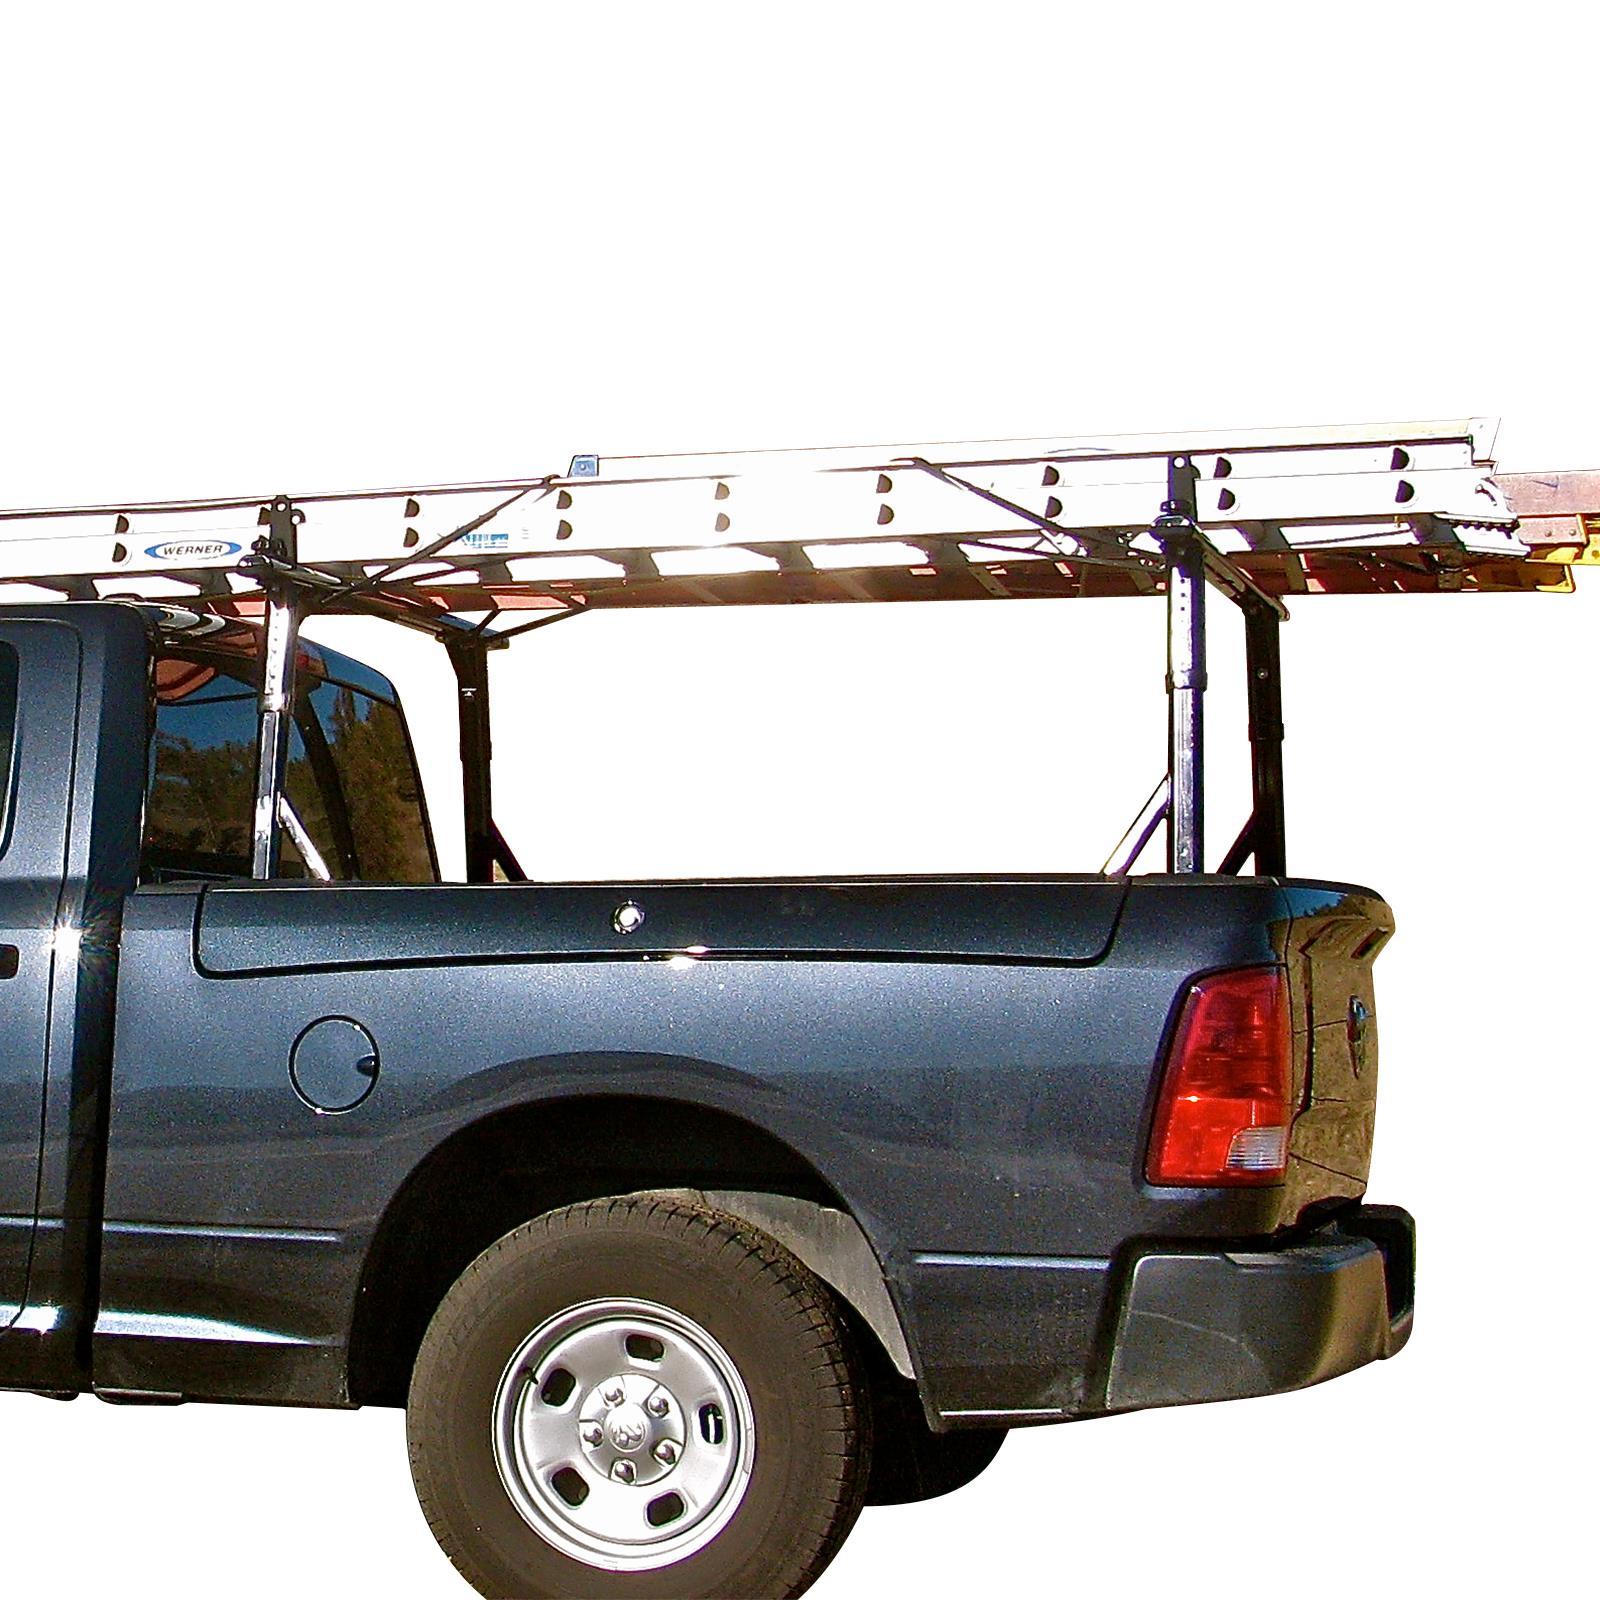 2017 Mercedes Benz Metris Worker Cargo Camshaft: Vantech P3000 Aluminum Ladder Rack System. Fits: RAM